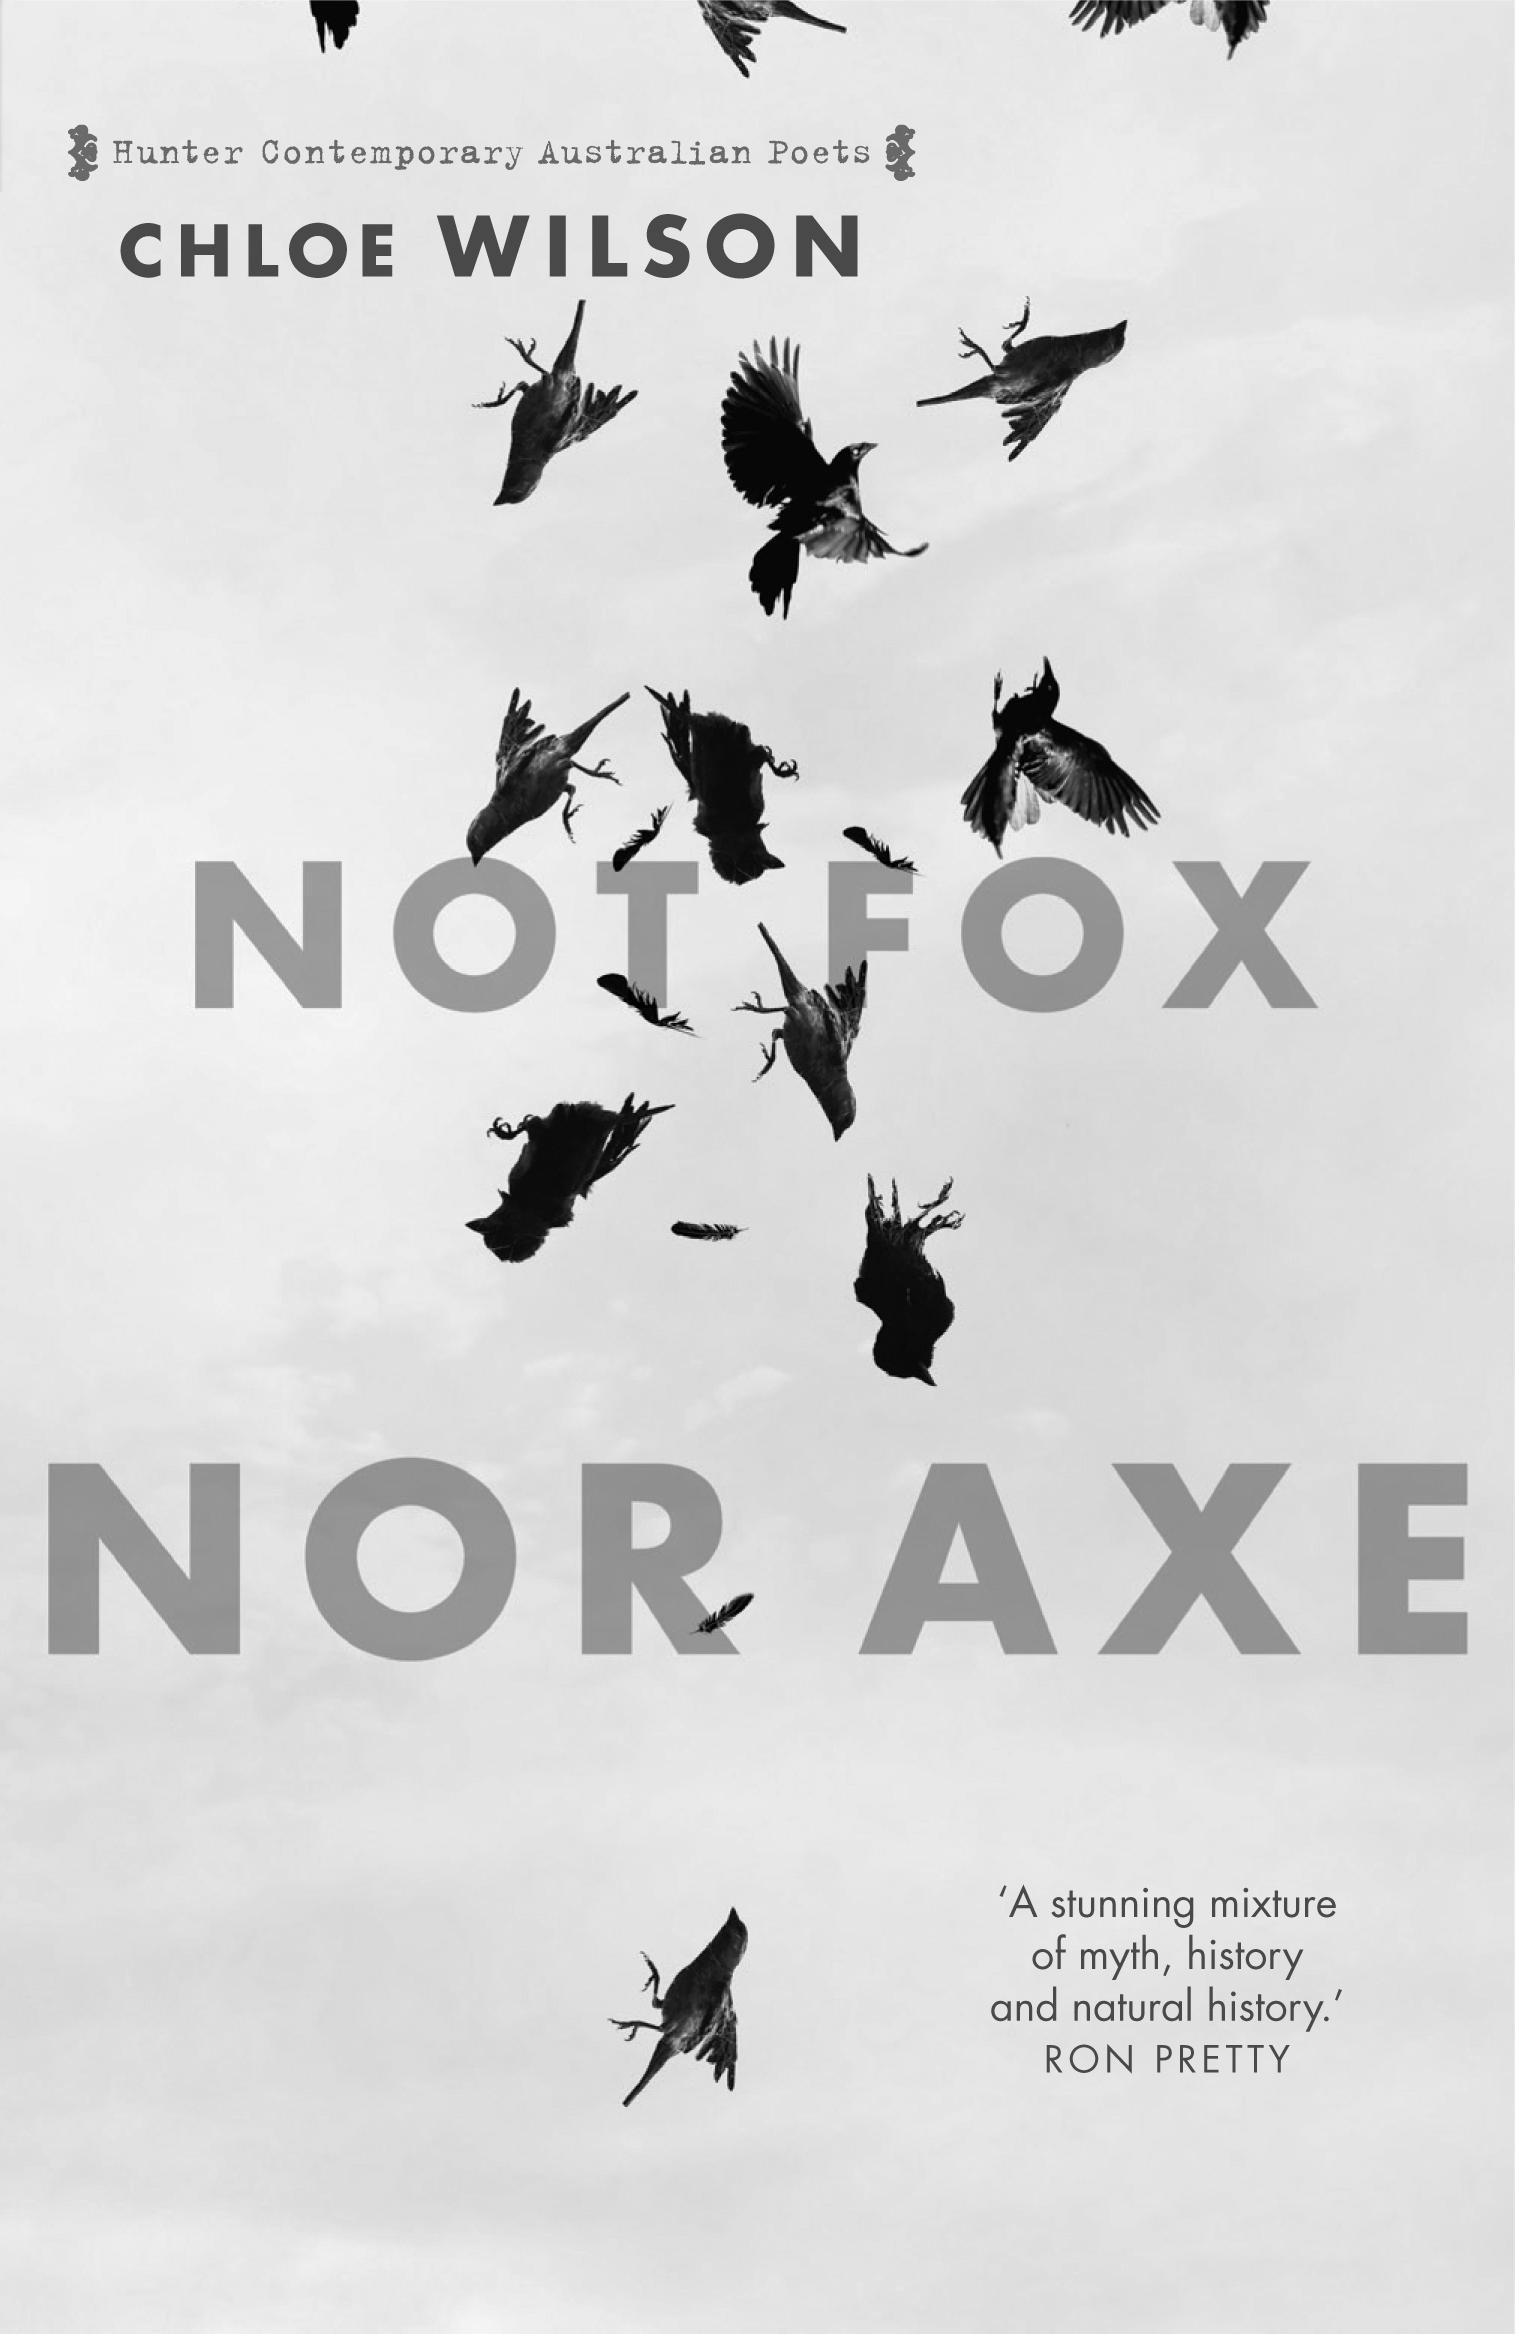 Not Fox Nor Axe